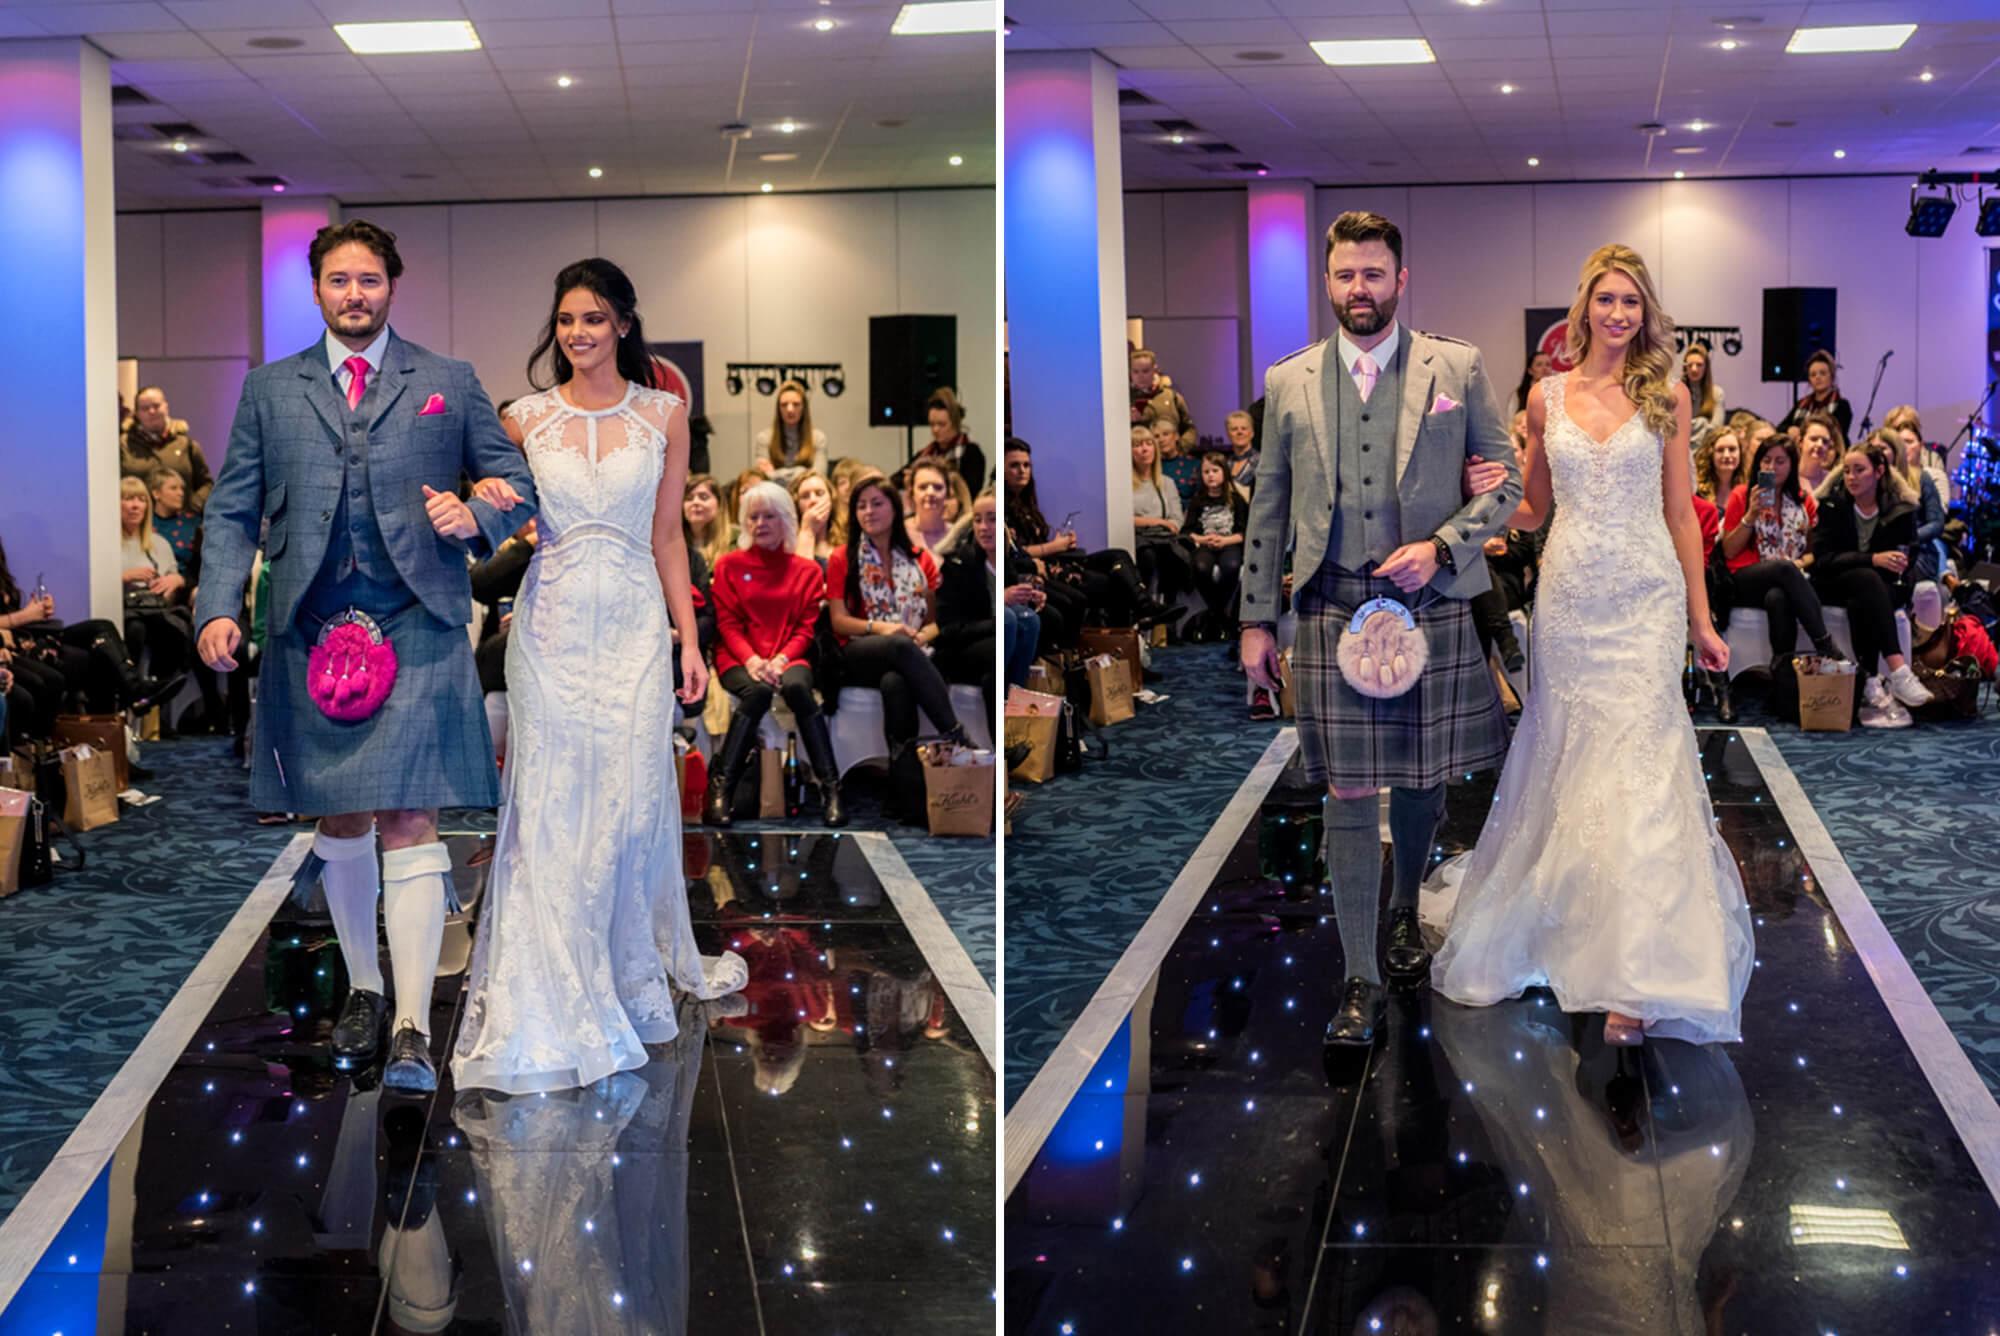 Bride and groom walking down catwalk